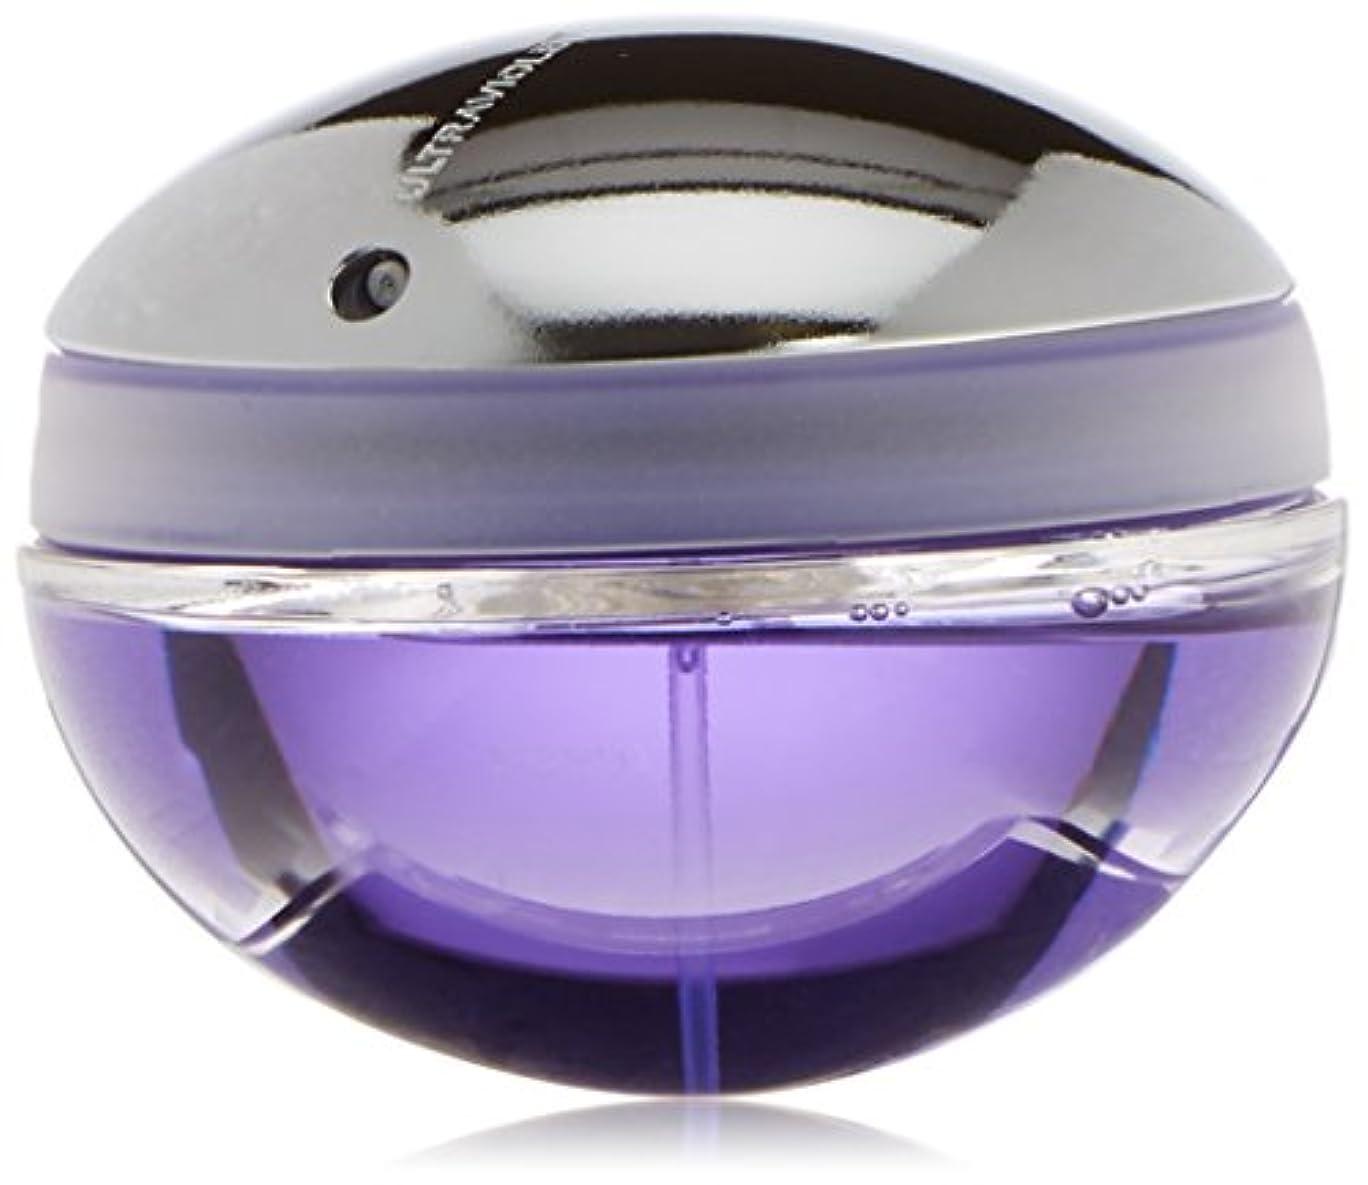 勇気住所メールを書くパコラバンヌ ウルトラバイオレット オードパルファム EDP 80mL 香水